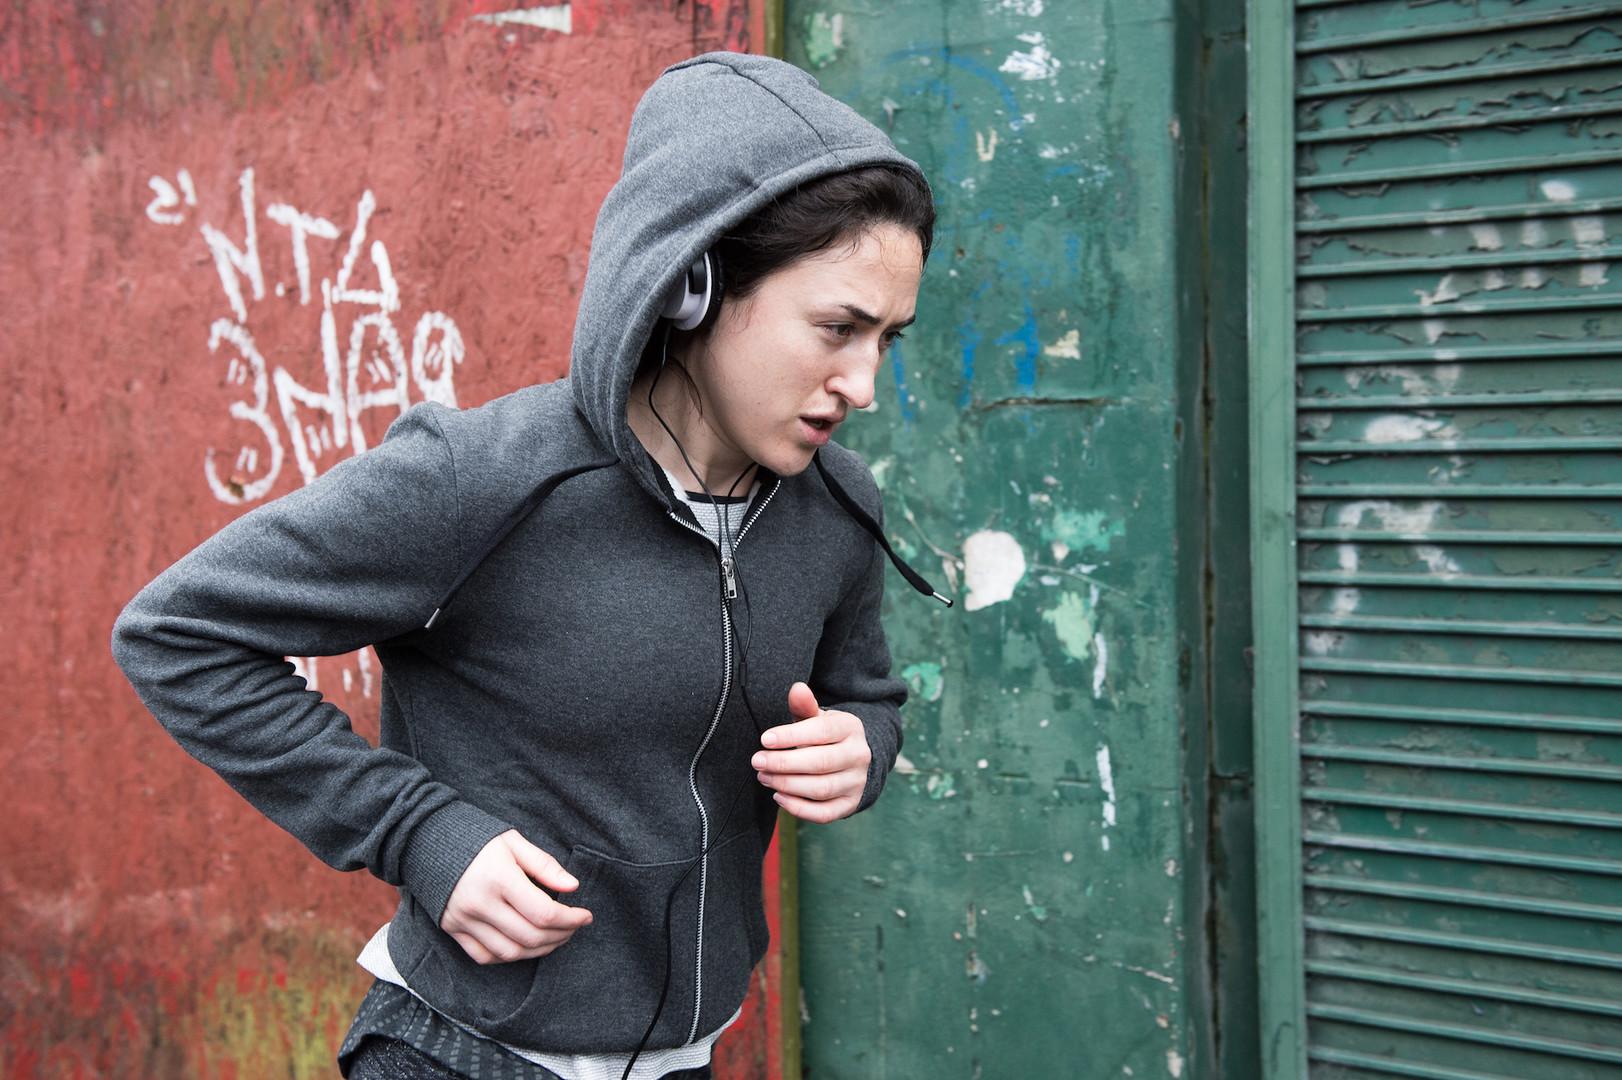 Guard - Irish Film London